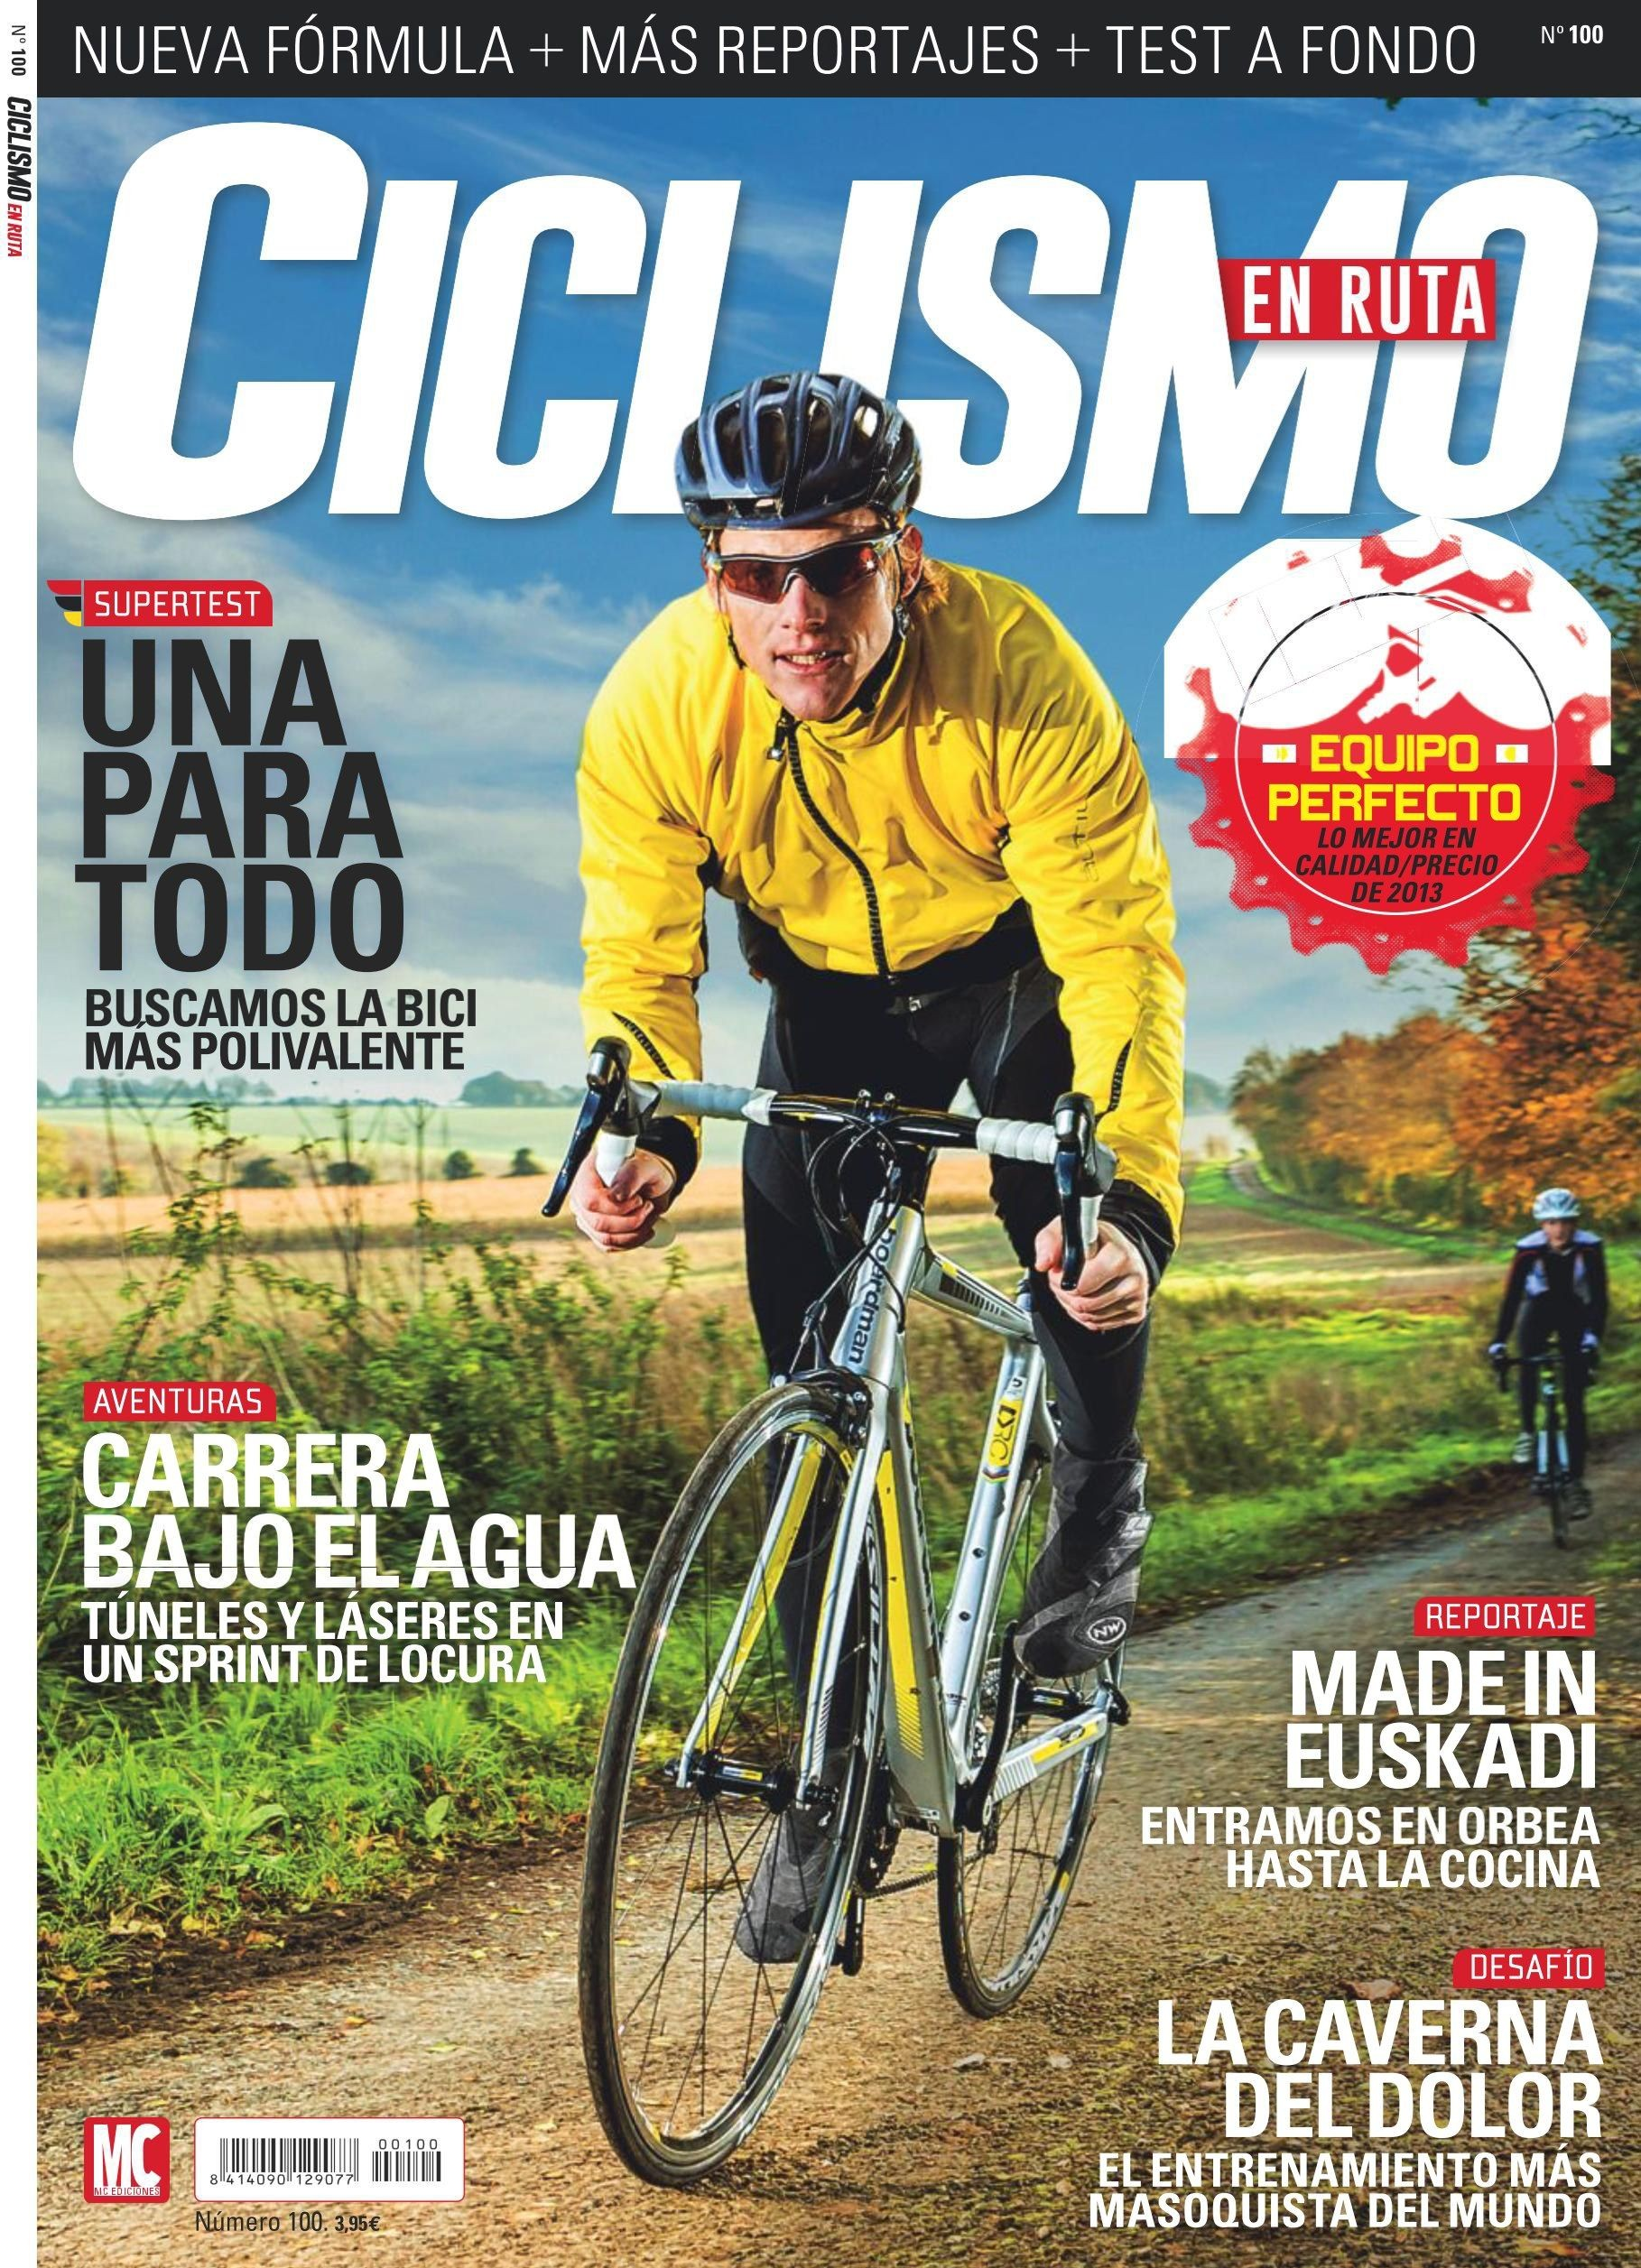 Revista CICLISMO EN RUTA 100 Portada diciembre 2013 Carrera bajo el agua Made